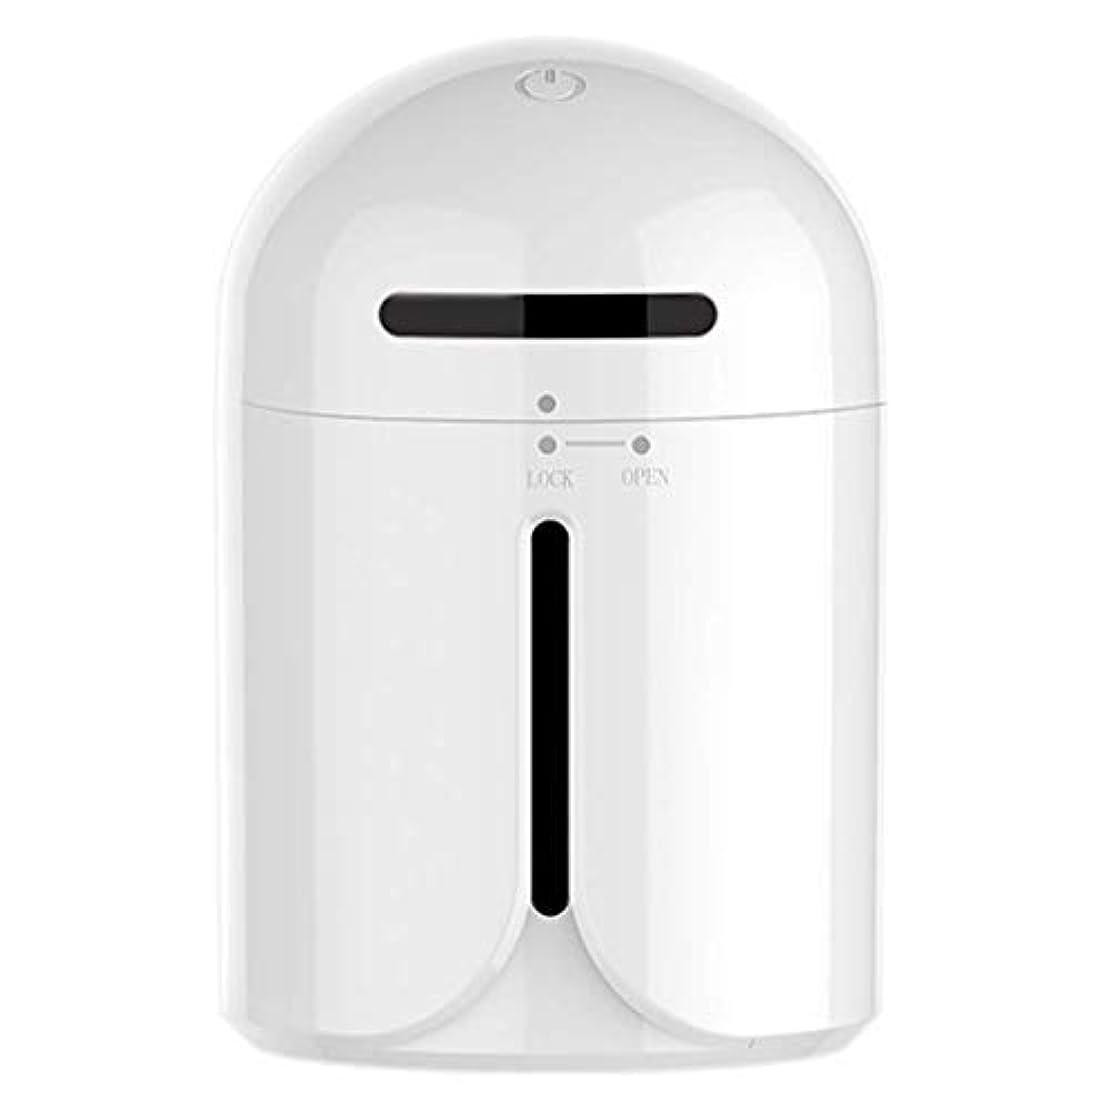 虫移植宿命超音波加湿器、車のアロマディフューザー加湿器、気分を和らげるための健康的な肌の改善、睡眠の改善、清潔で清潔な新鮮な空気の浄化、LEDライトミュート (Color : 白)